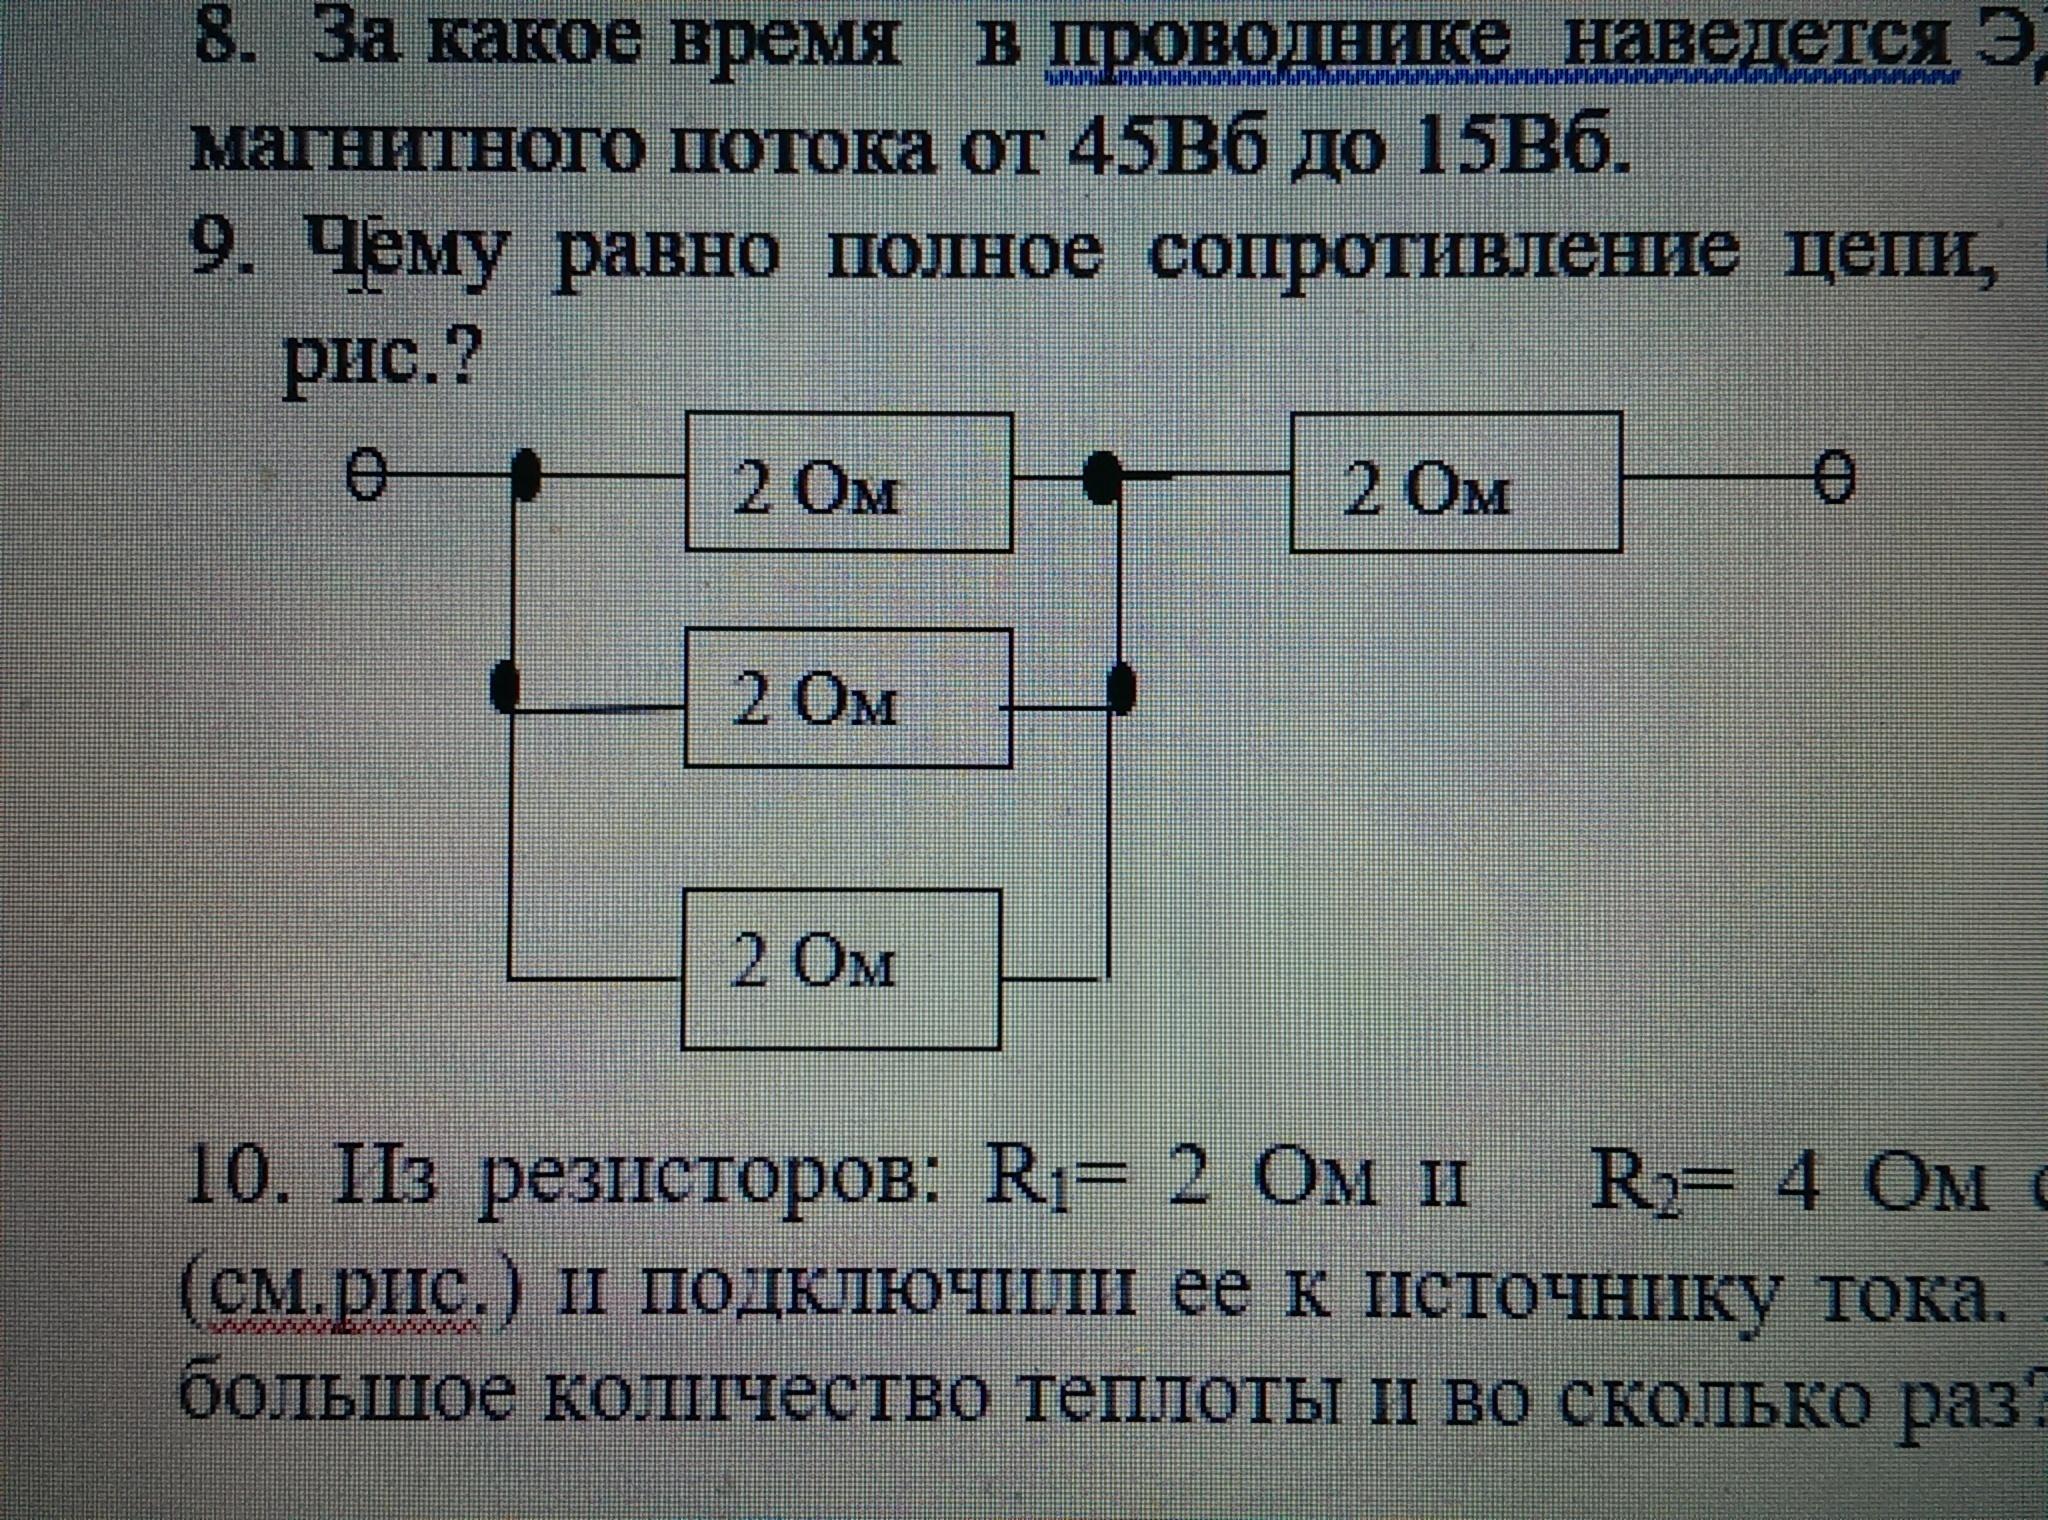 В цепи схема которой изображена на